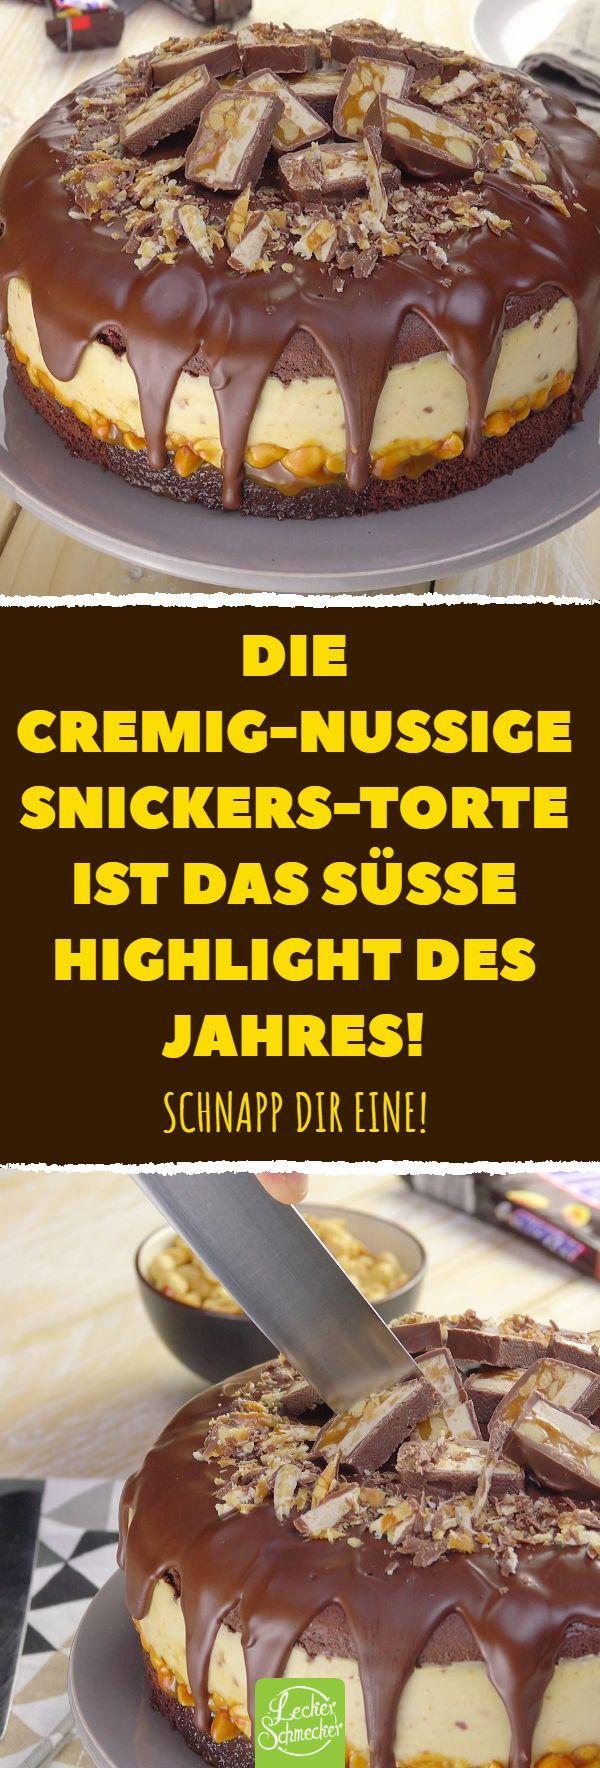 cremig-nussige Snickers-Torte ist das süße Highlight des Jahres!  - Leckerschmecker-#applepies